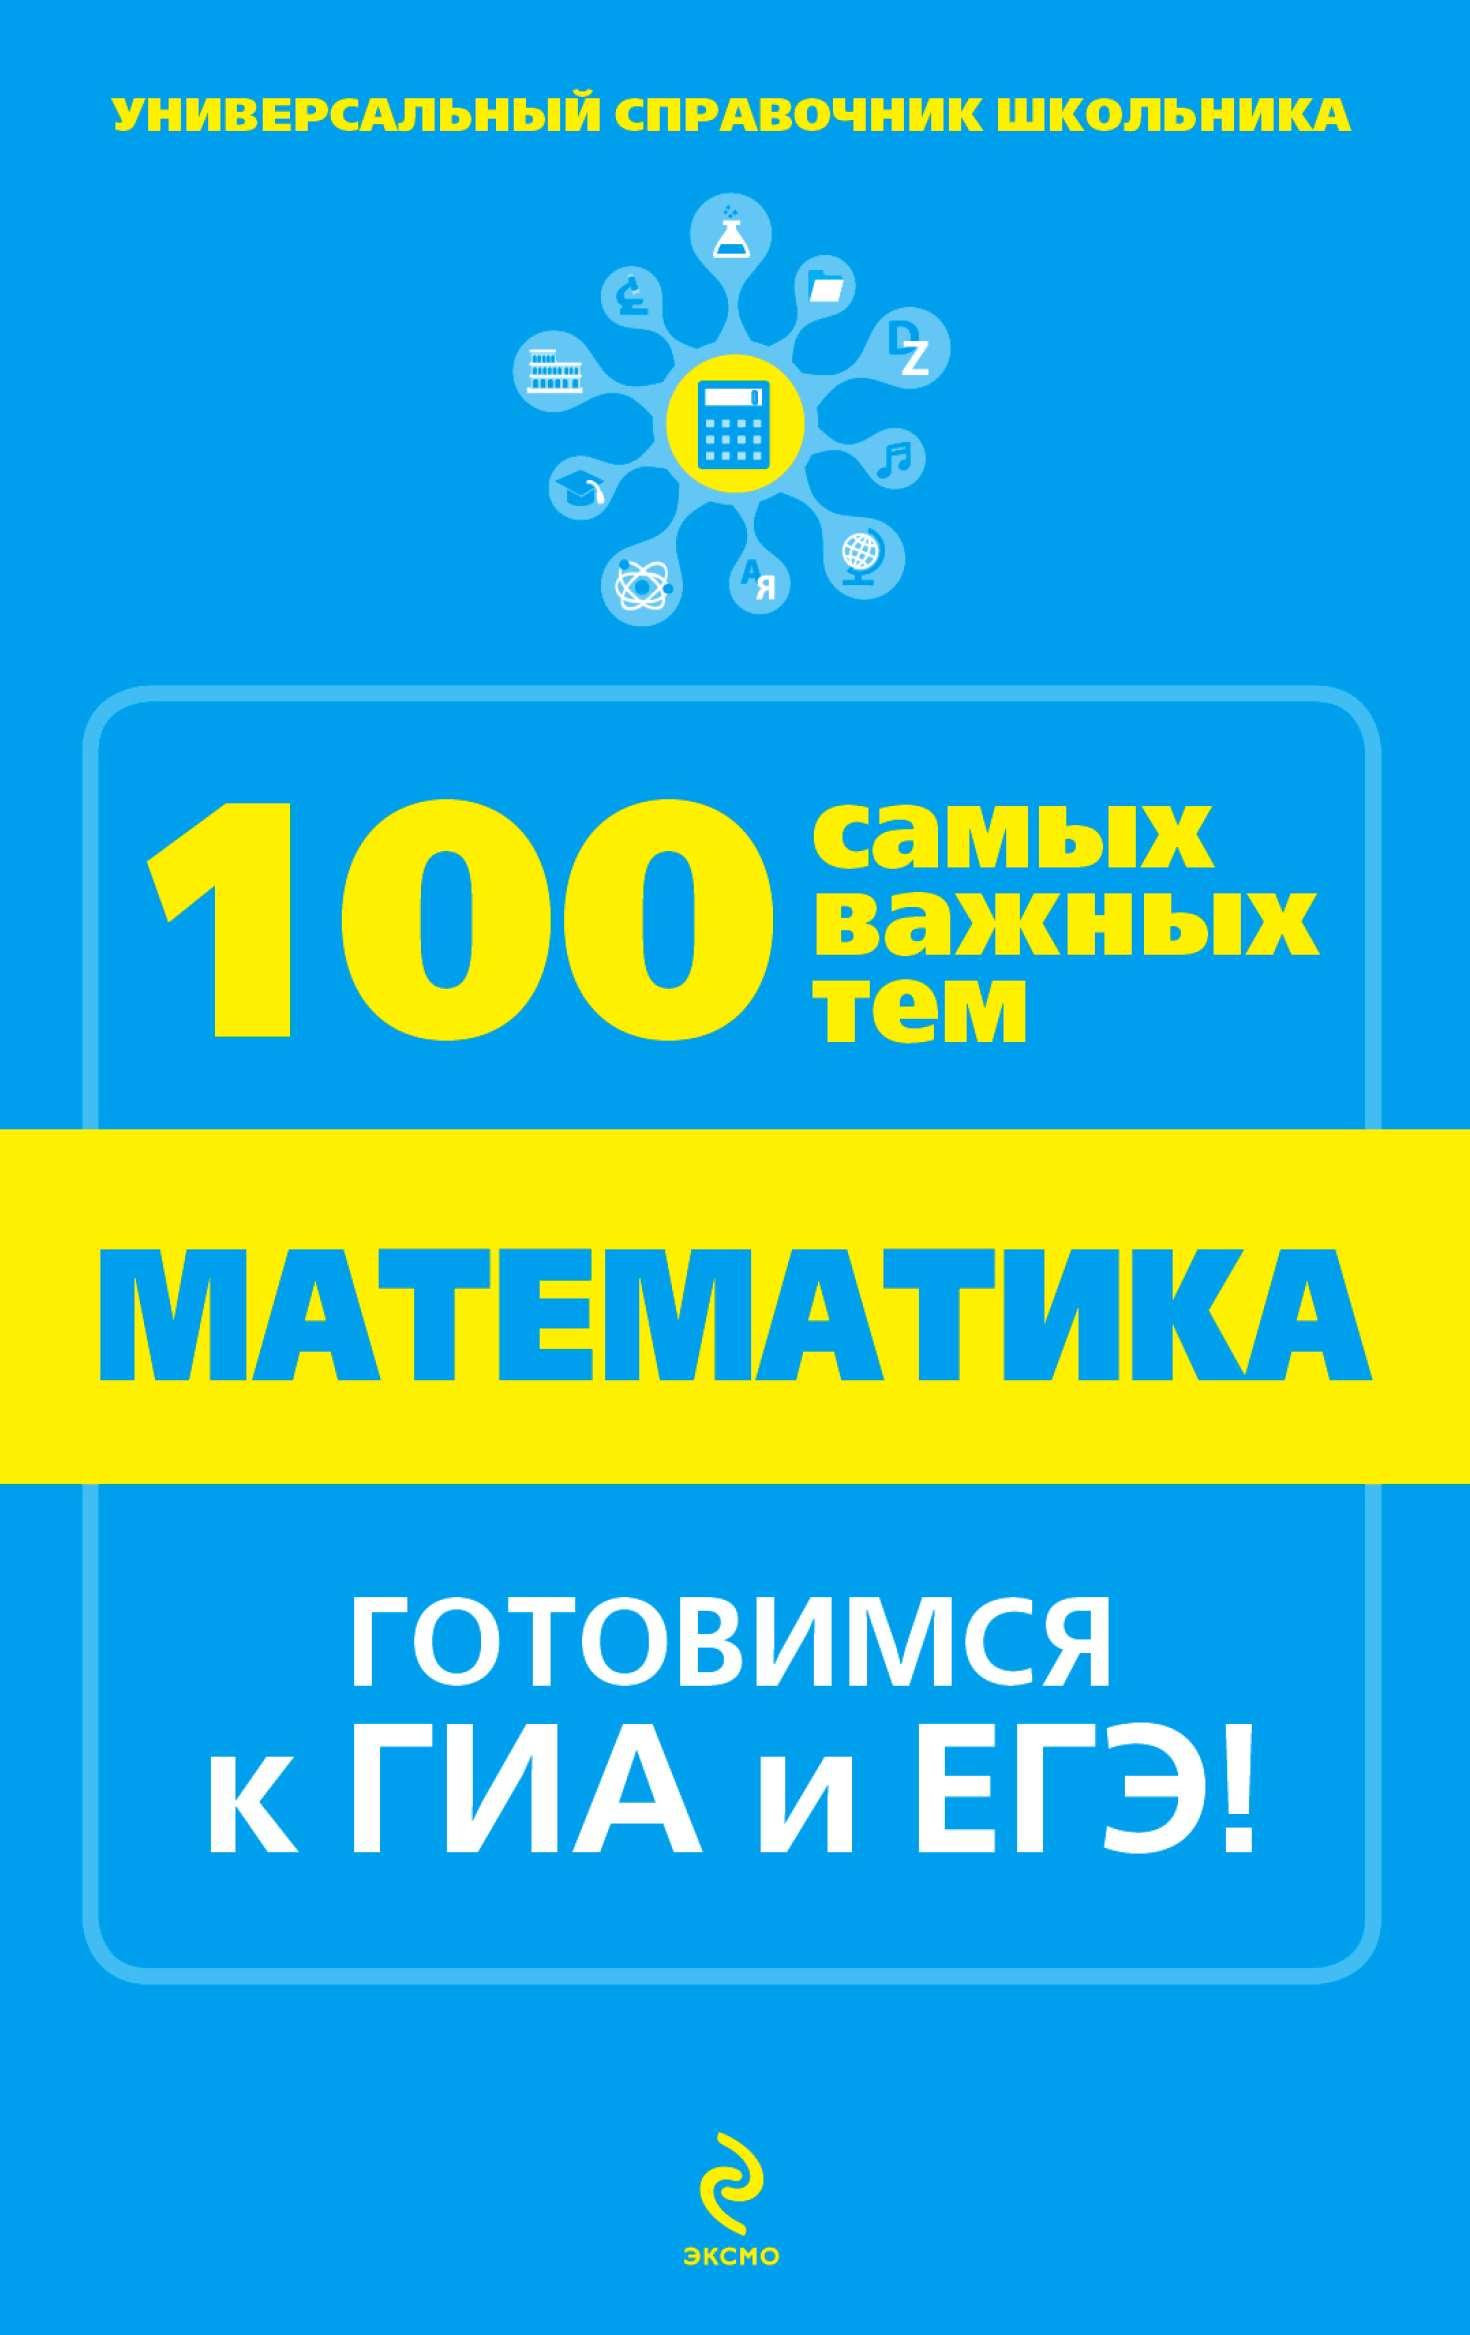 Татьяна Виноградова Математика татьяна виноградова весь школьный курс 1000 самых важных тем